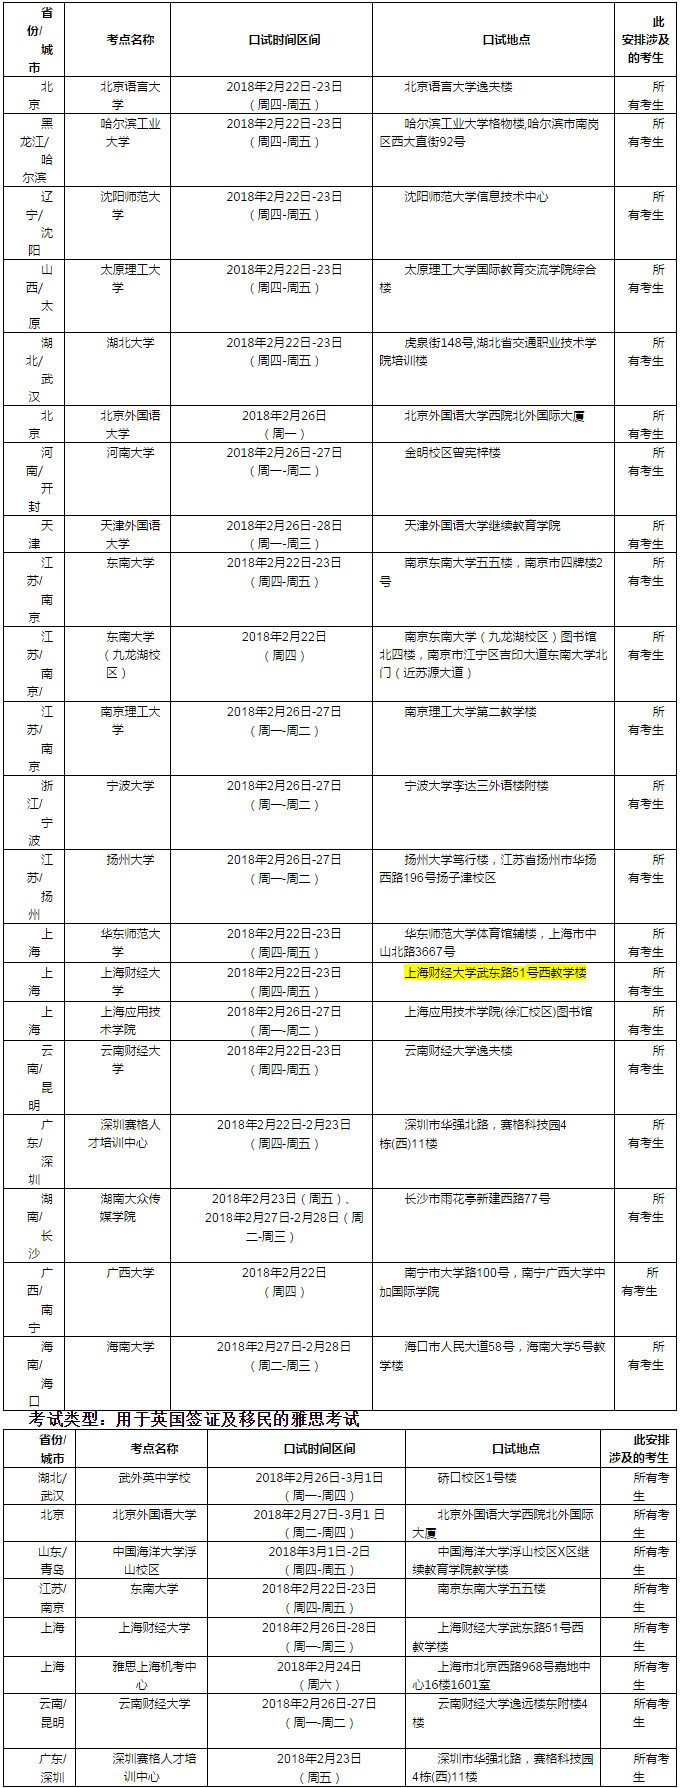 2018年2月24日雅思口语考试安排